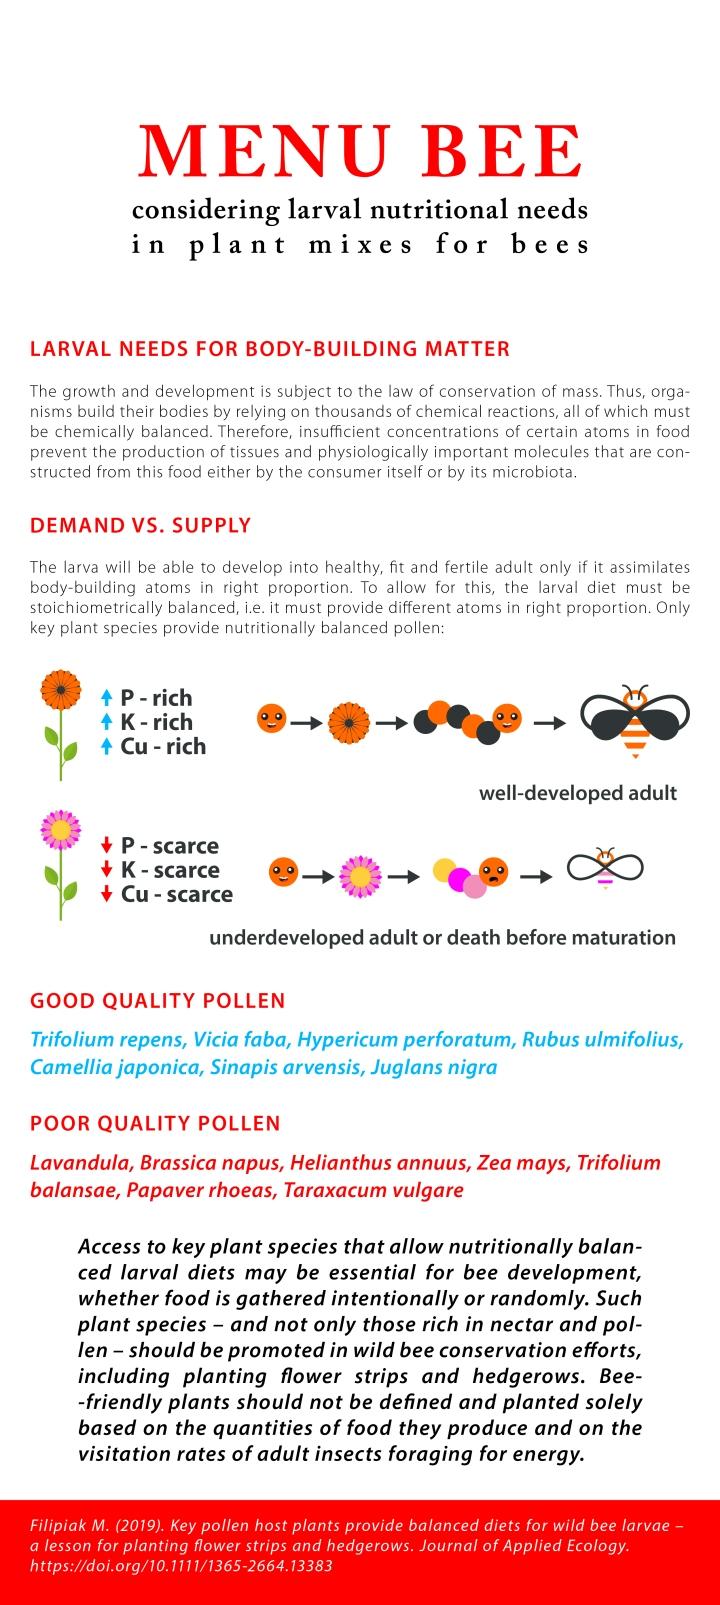 0. Infographic